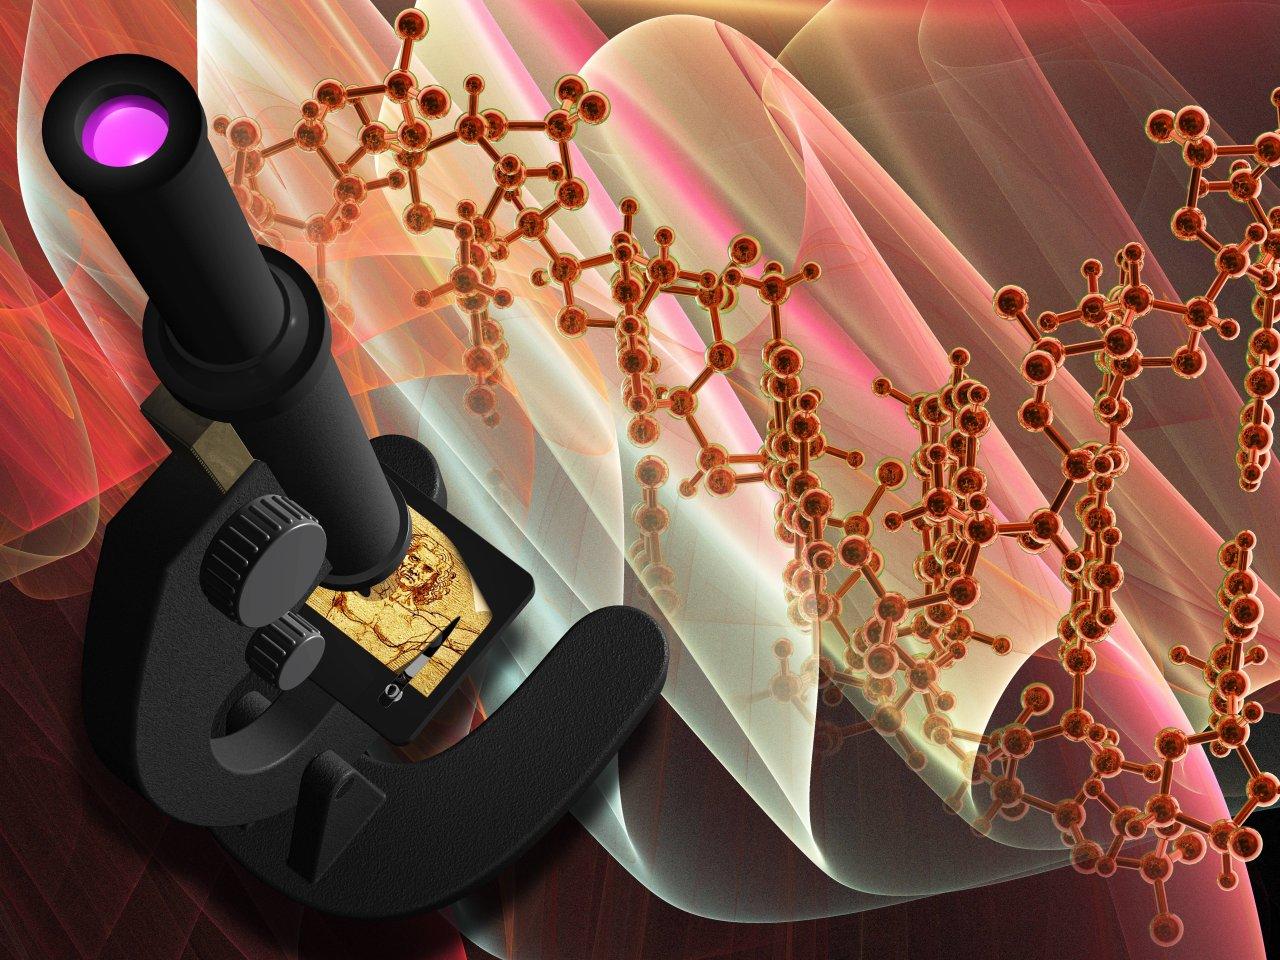 2030 steht unsere DNA detaillierter unter dem Mikroskop als je zuvor.